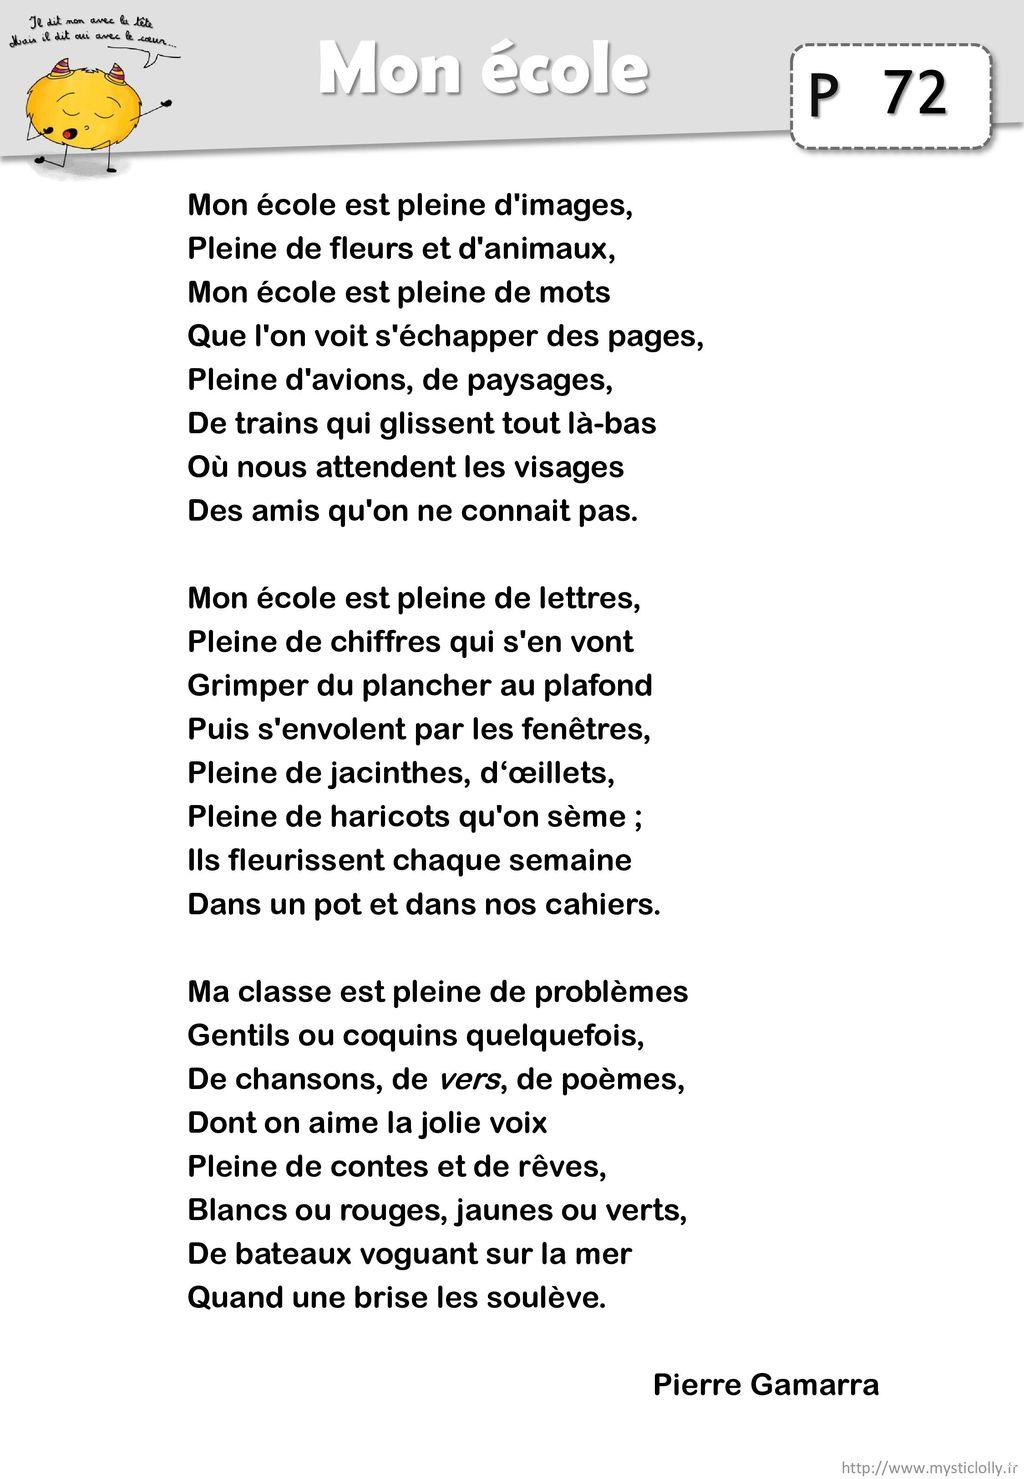 Poesie Mon Ecole Est Plein D Images : poesie, ecole, plein, images, Cœur…, Télécharger